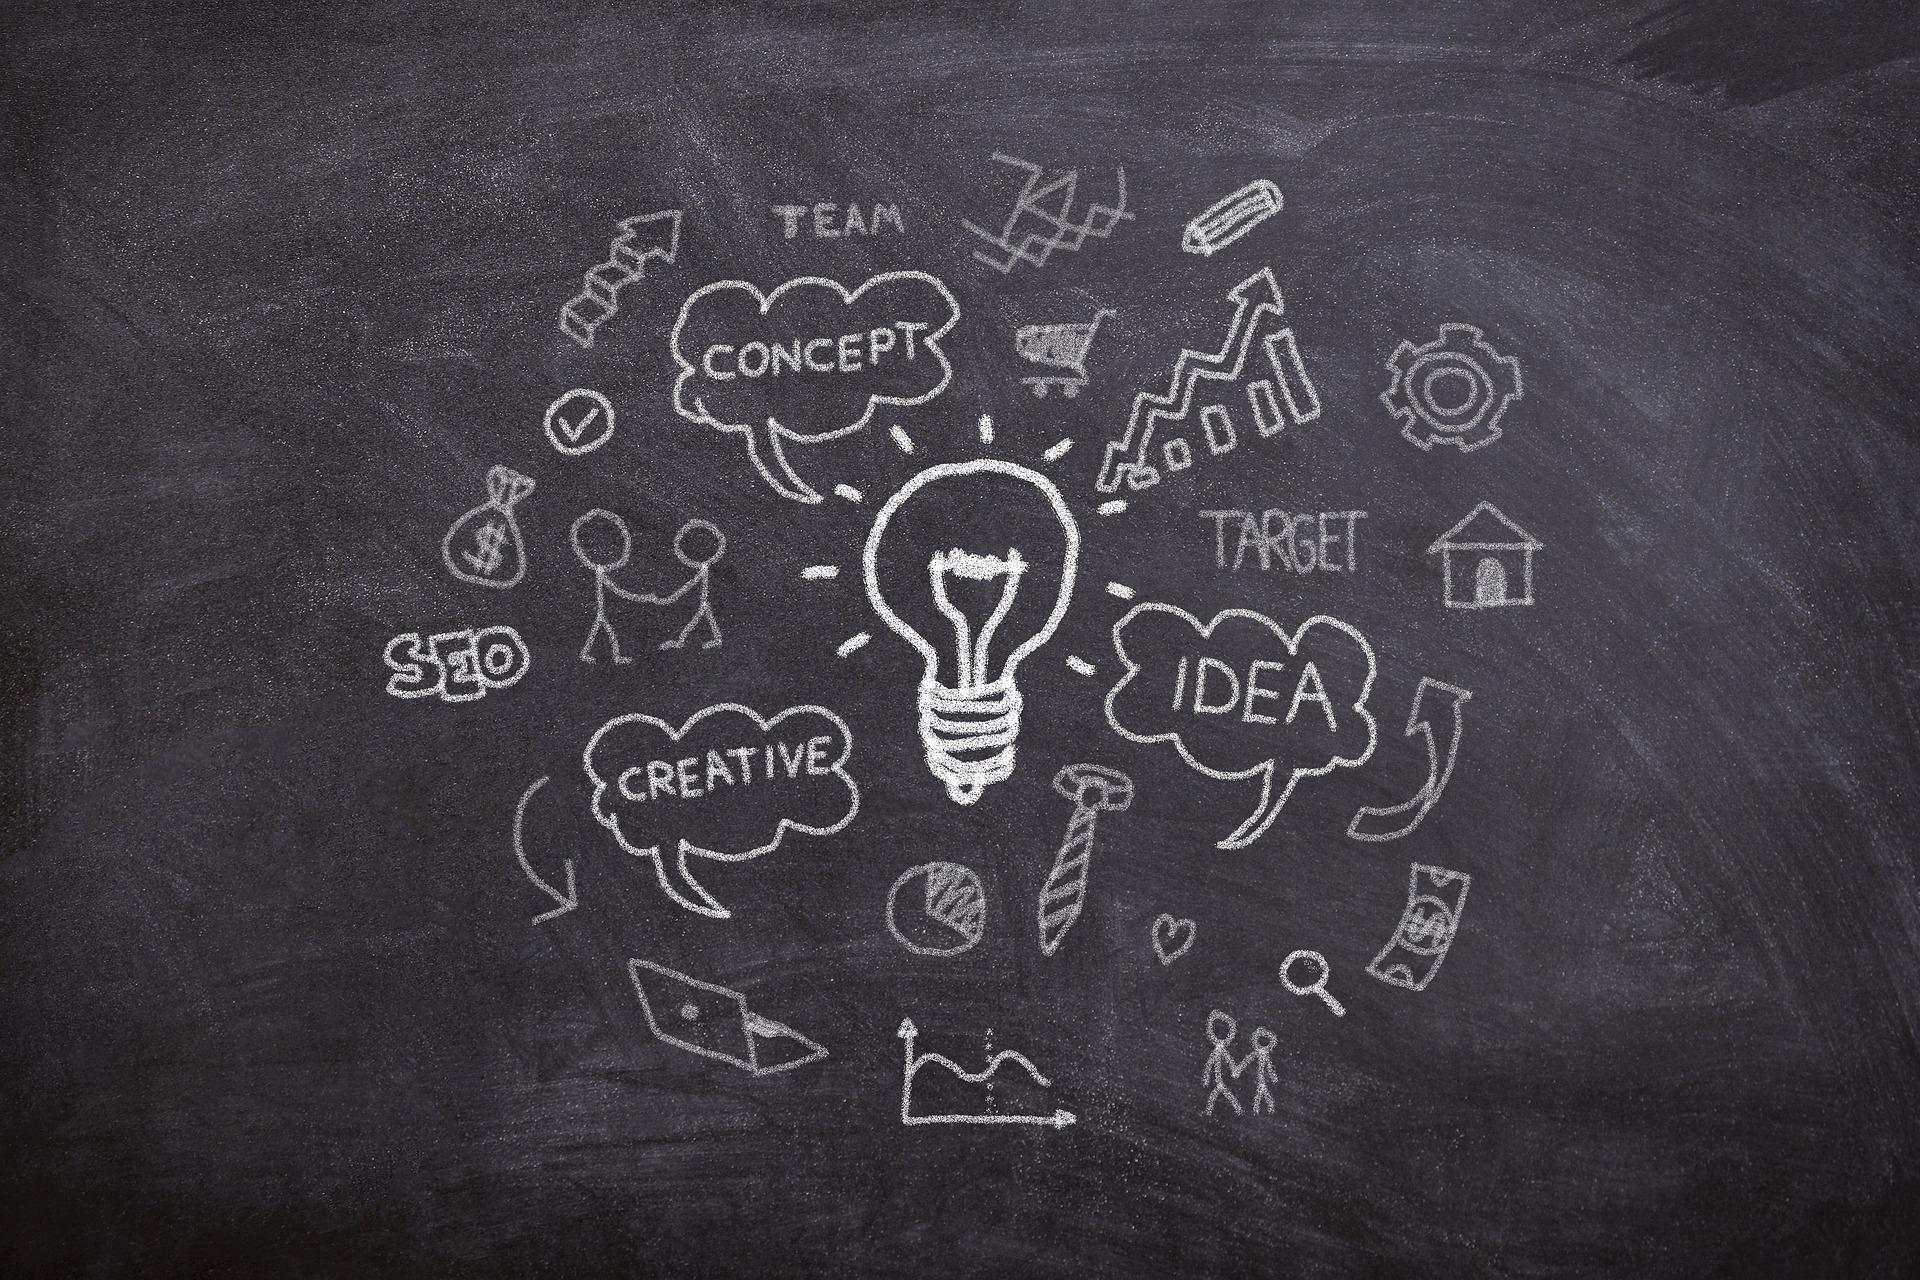 Grafik zur Veranschaulichung von Ideen